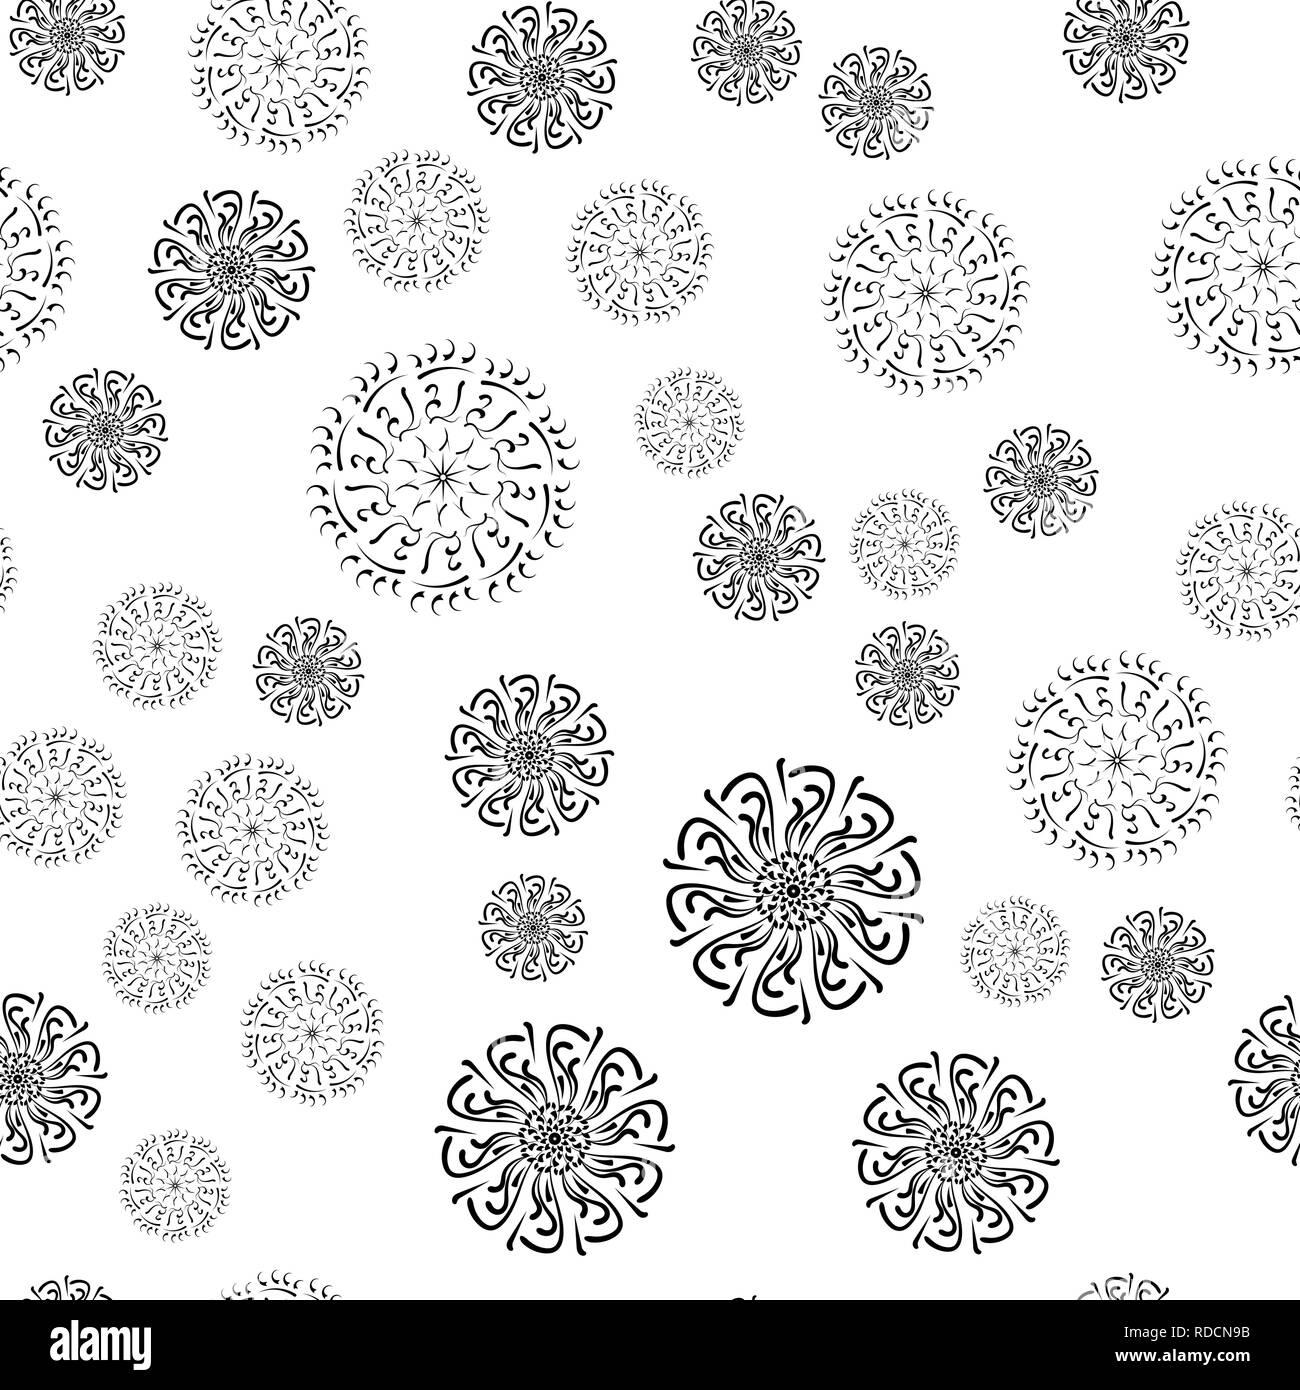 Zentangle Vector Vectors Immagini Zentangle Vector Vectors Fotos